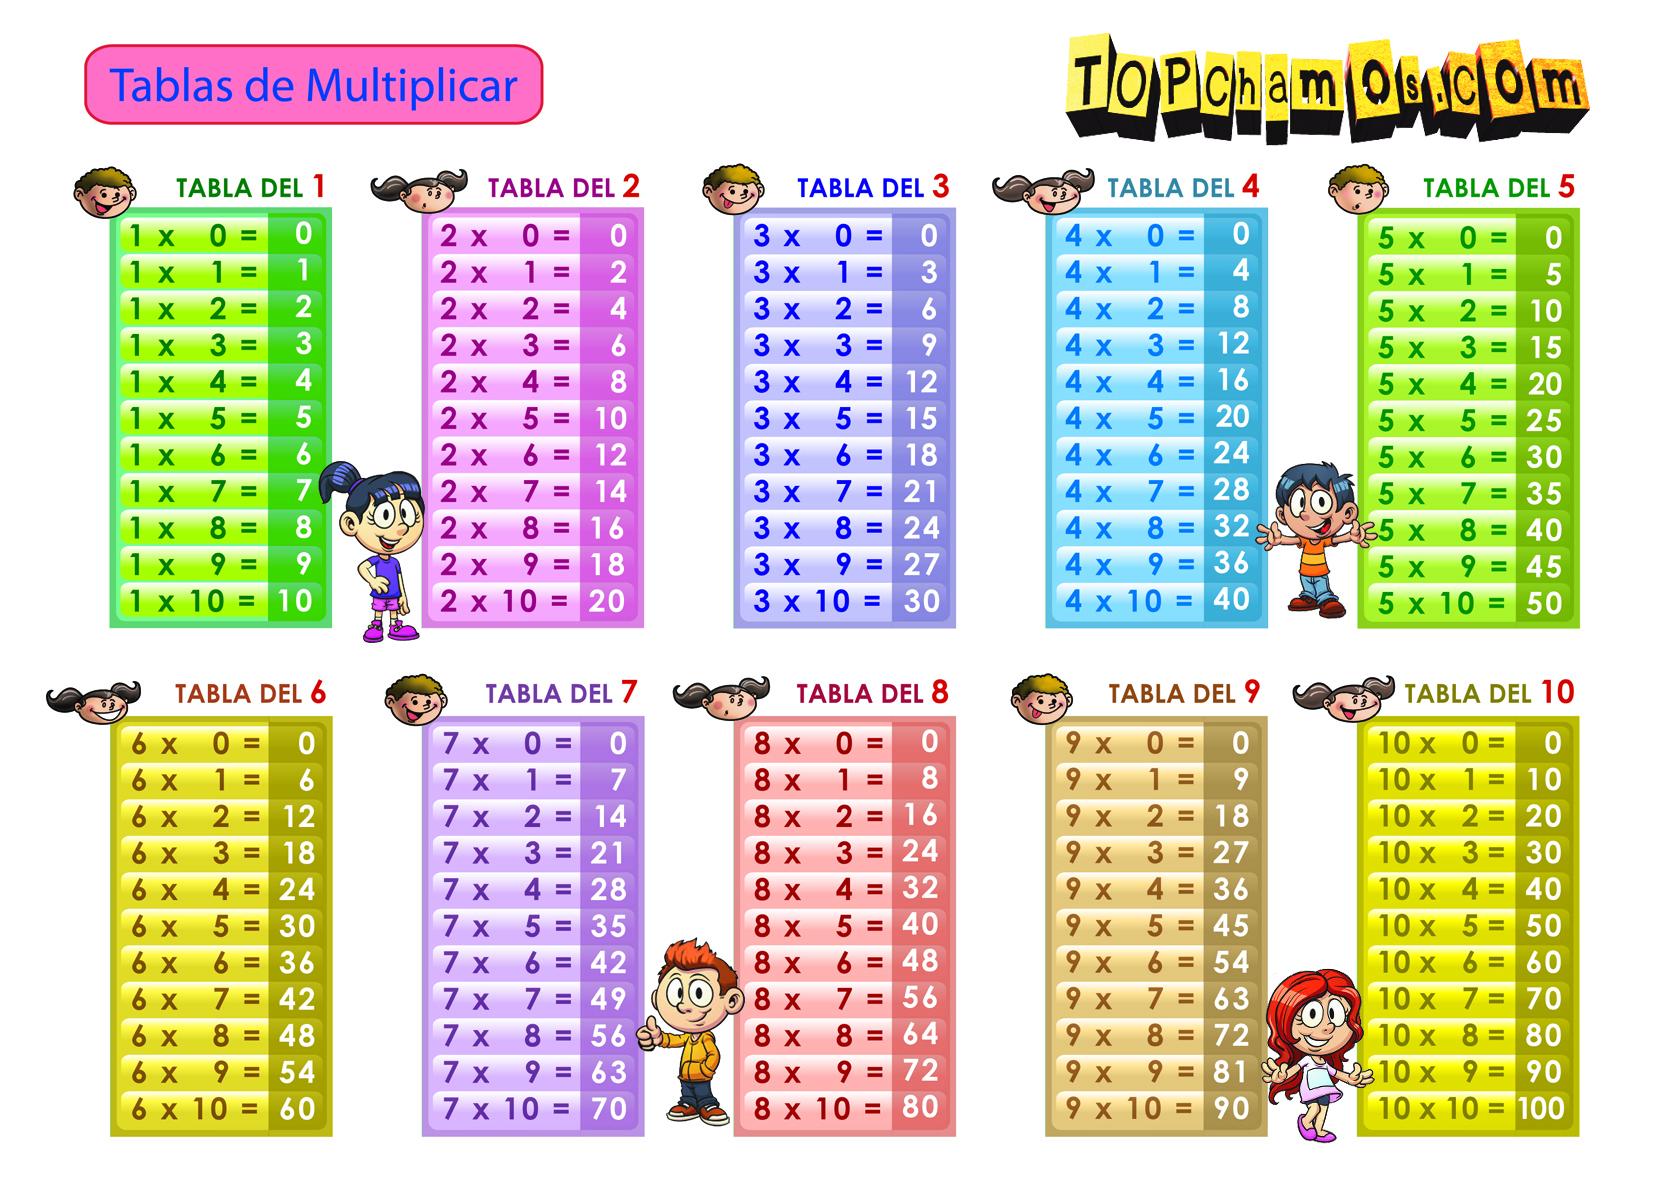 las tablas men 60 345 niveles de lectura de las tablas y gráficos en los ítems 63 346   tecnologías en el currículo de las matemáticas (men, 2003b) seguidamente se .